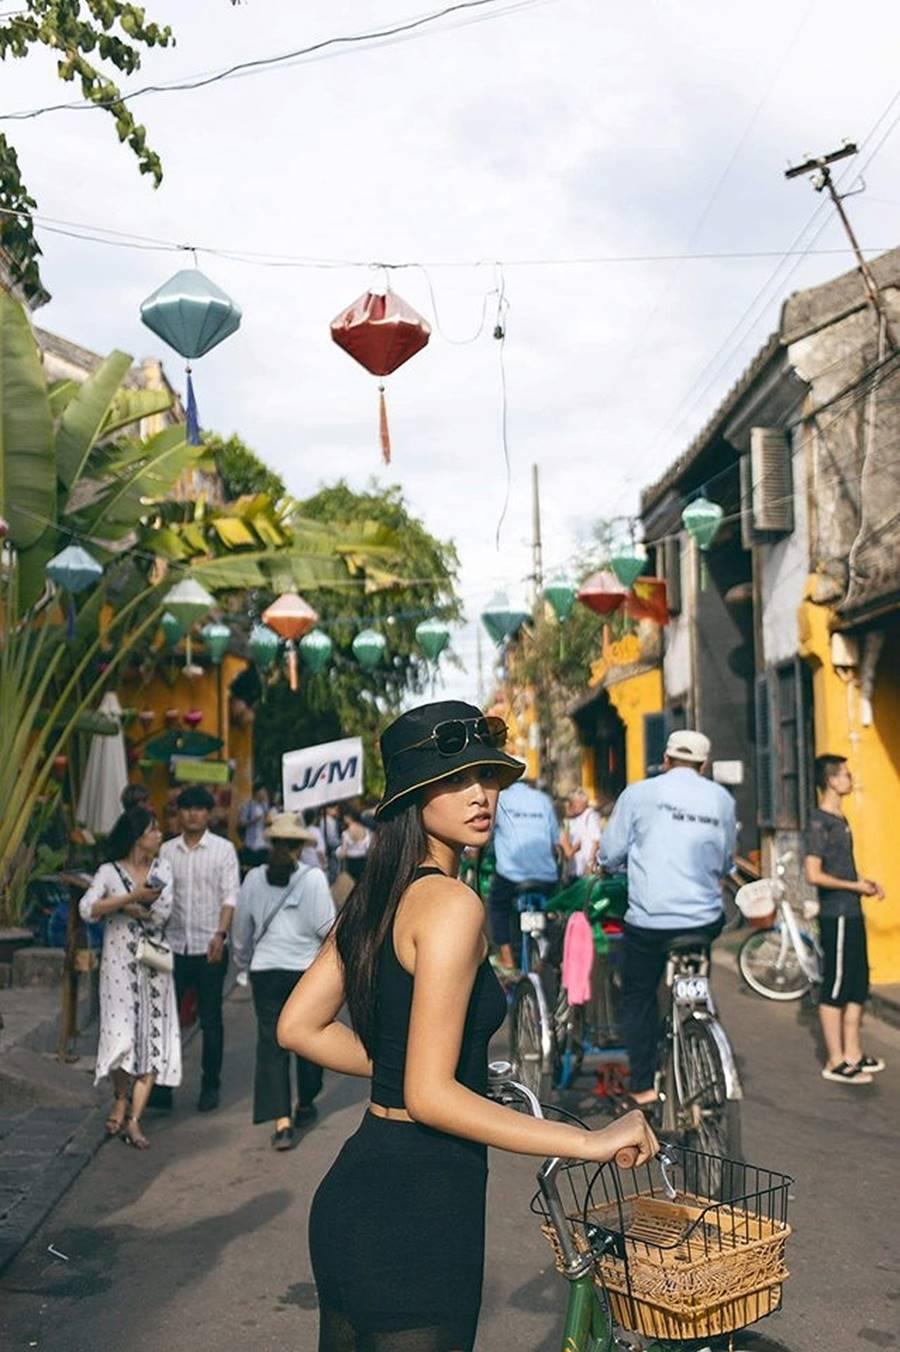 Hoa hậu Tiểu Vy ăn chè đậu đỏ, đạp xe khắp Hội An tìm người yêu ngày thất tịch-1